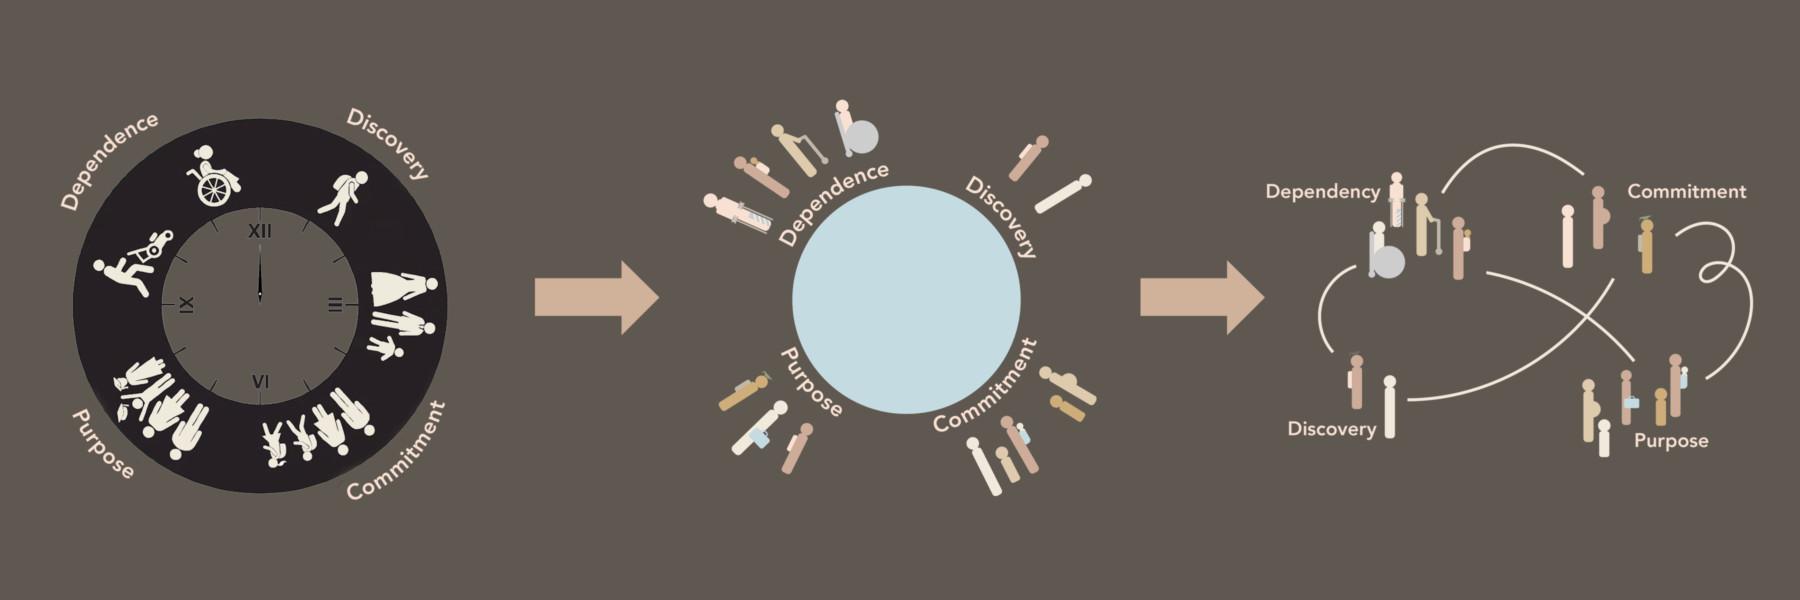 Sarah-Wigglesworth-Architects Sustainable Housing Maarit Heinonen-Smith SWA Interpretation